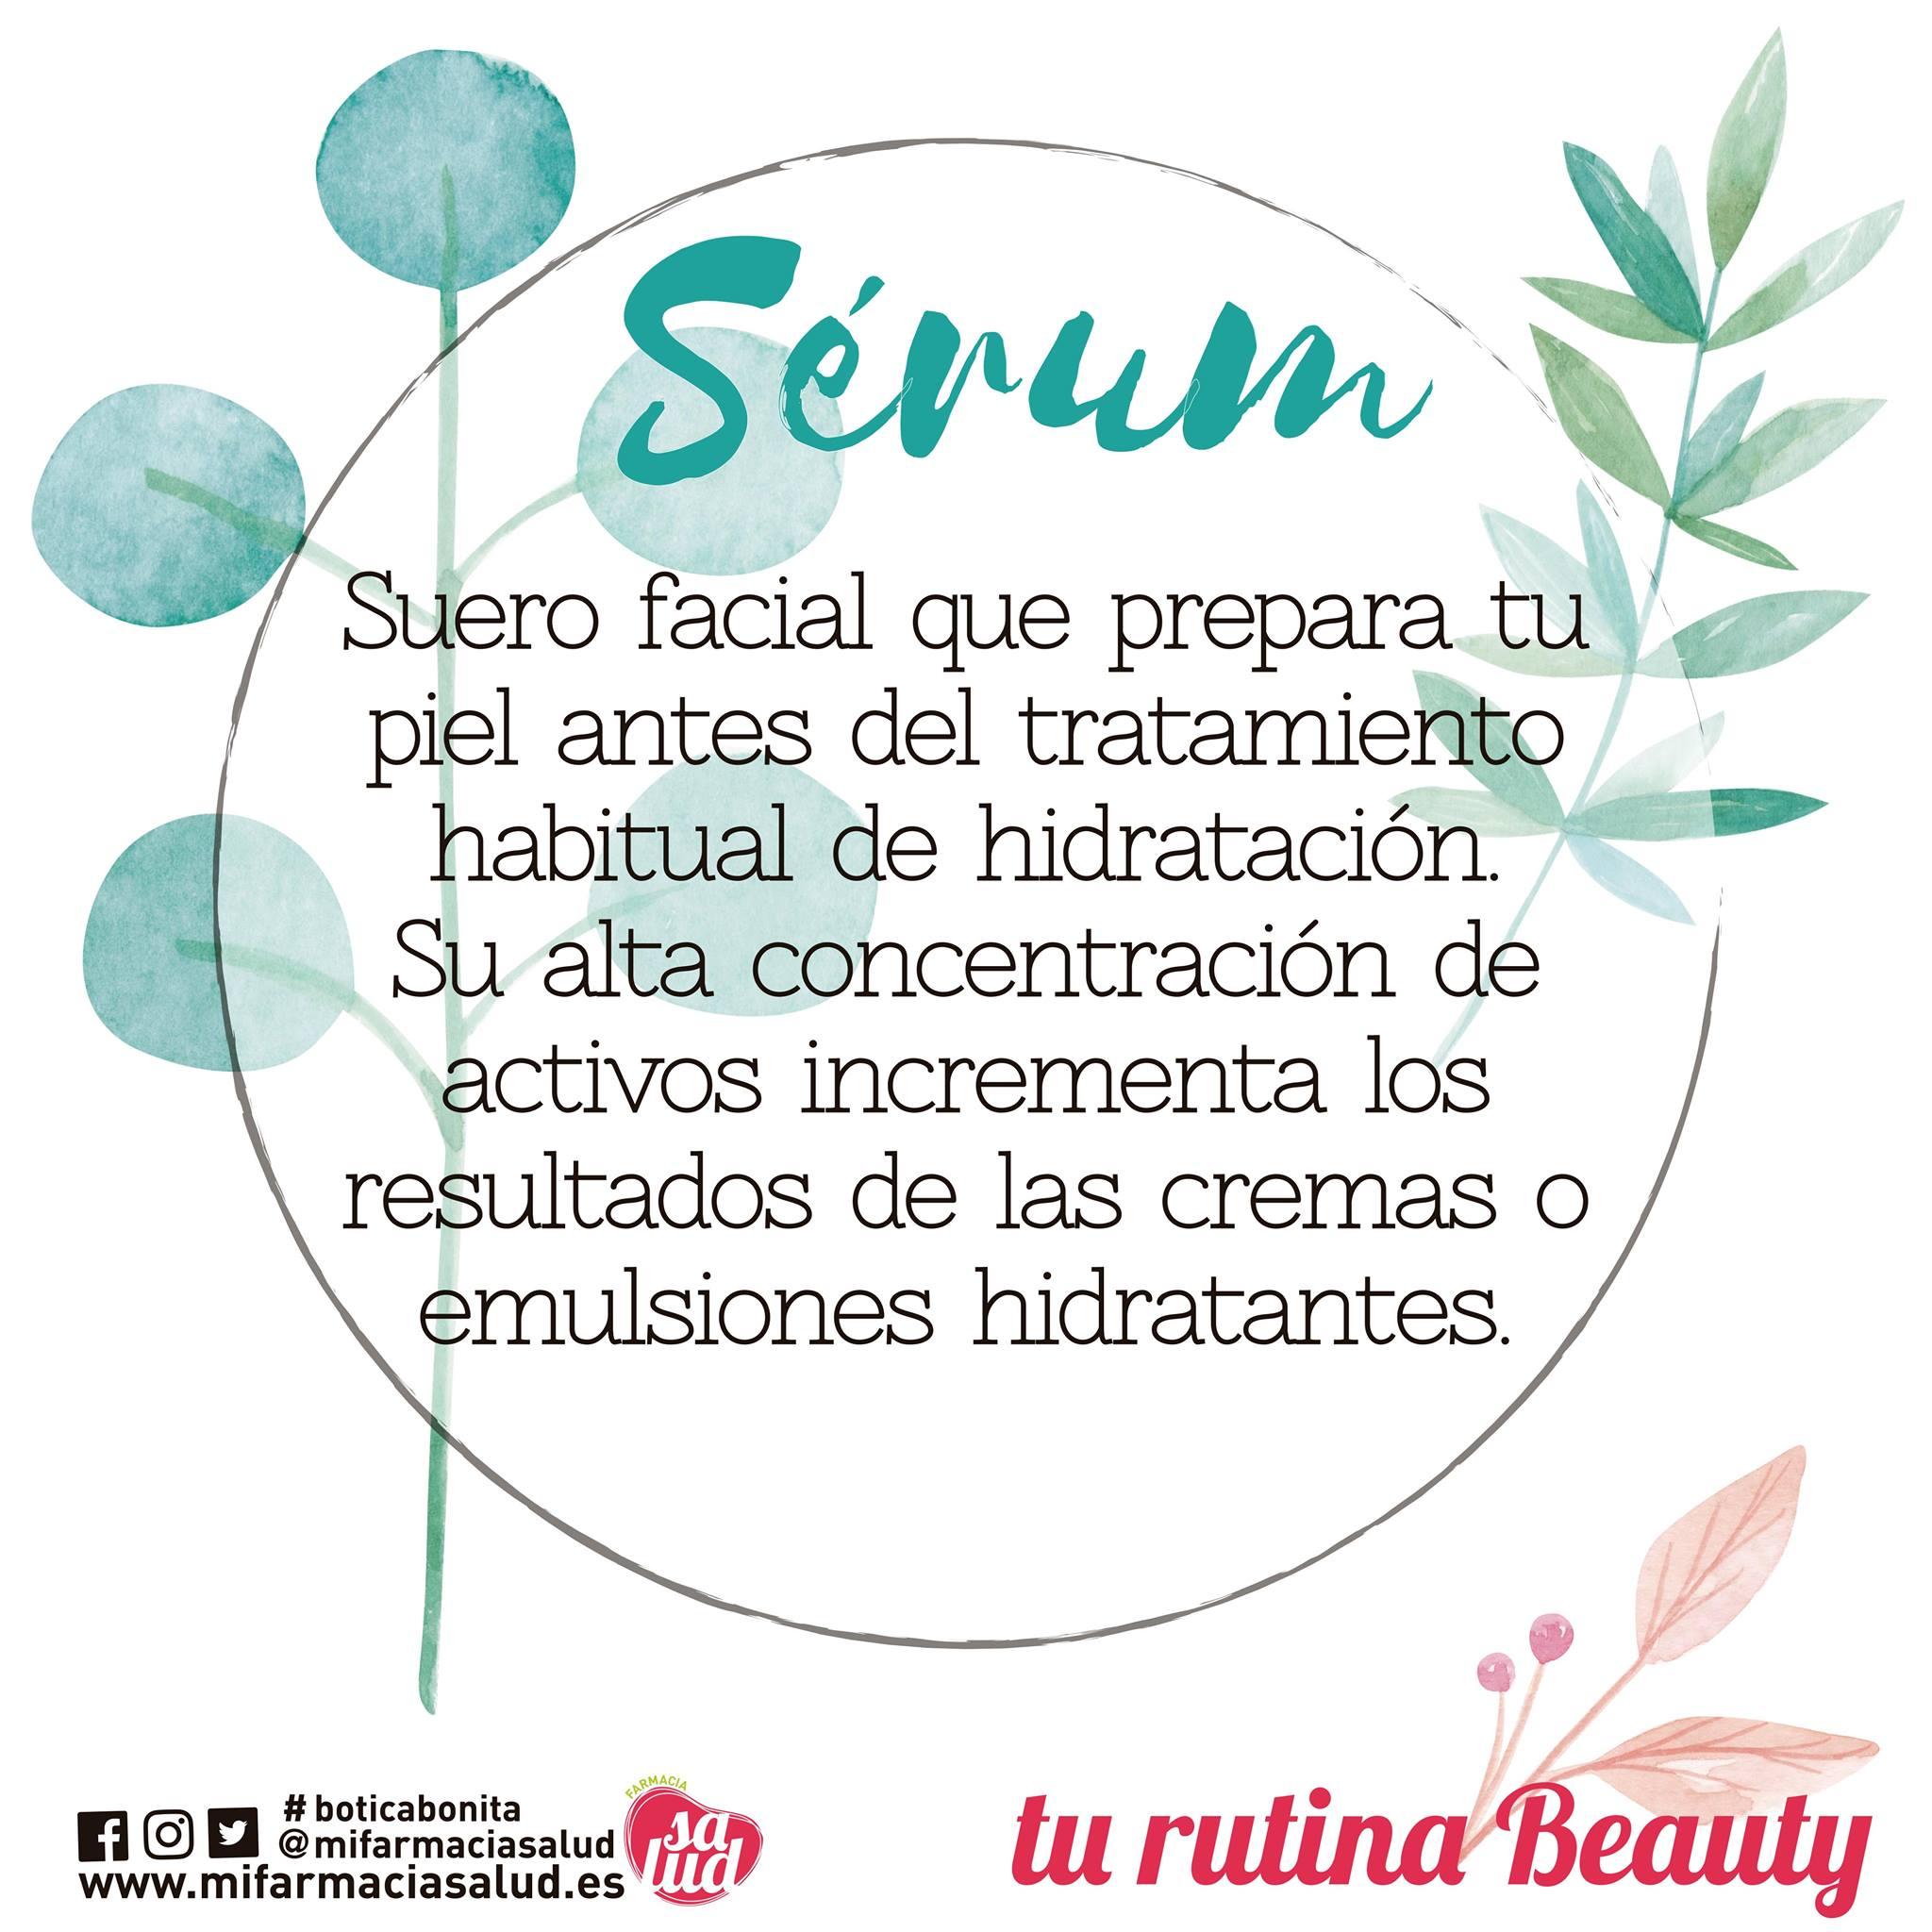 El serum multiplica los beneficios del resto de tu tratamiento de belleza